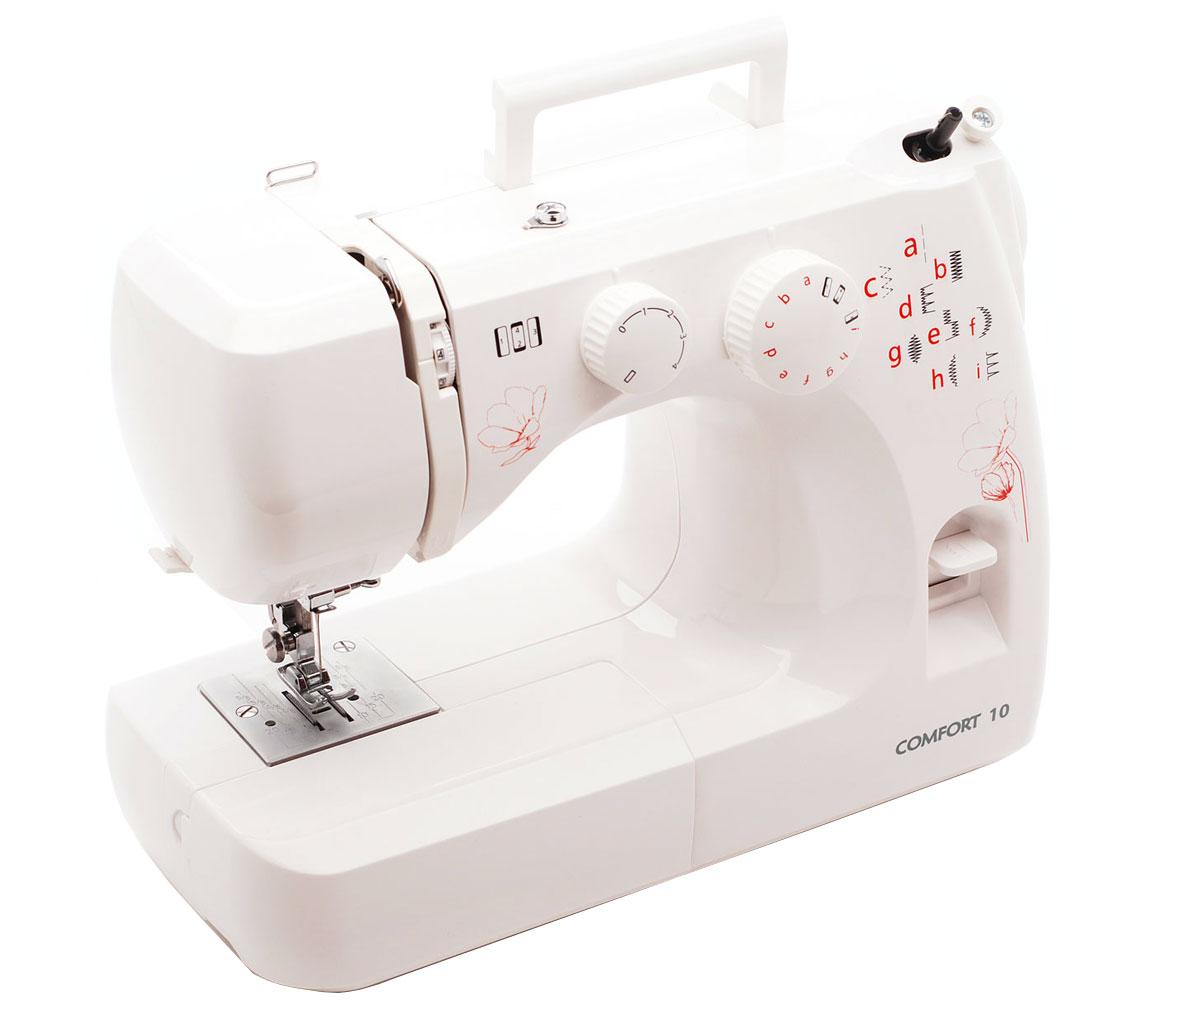 Comfort 10, White швейная машина в пластиковом кейсе